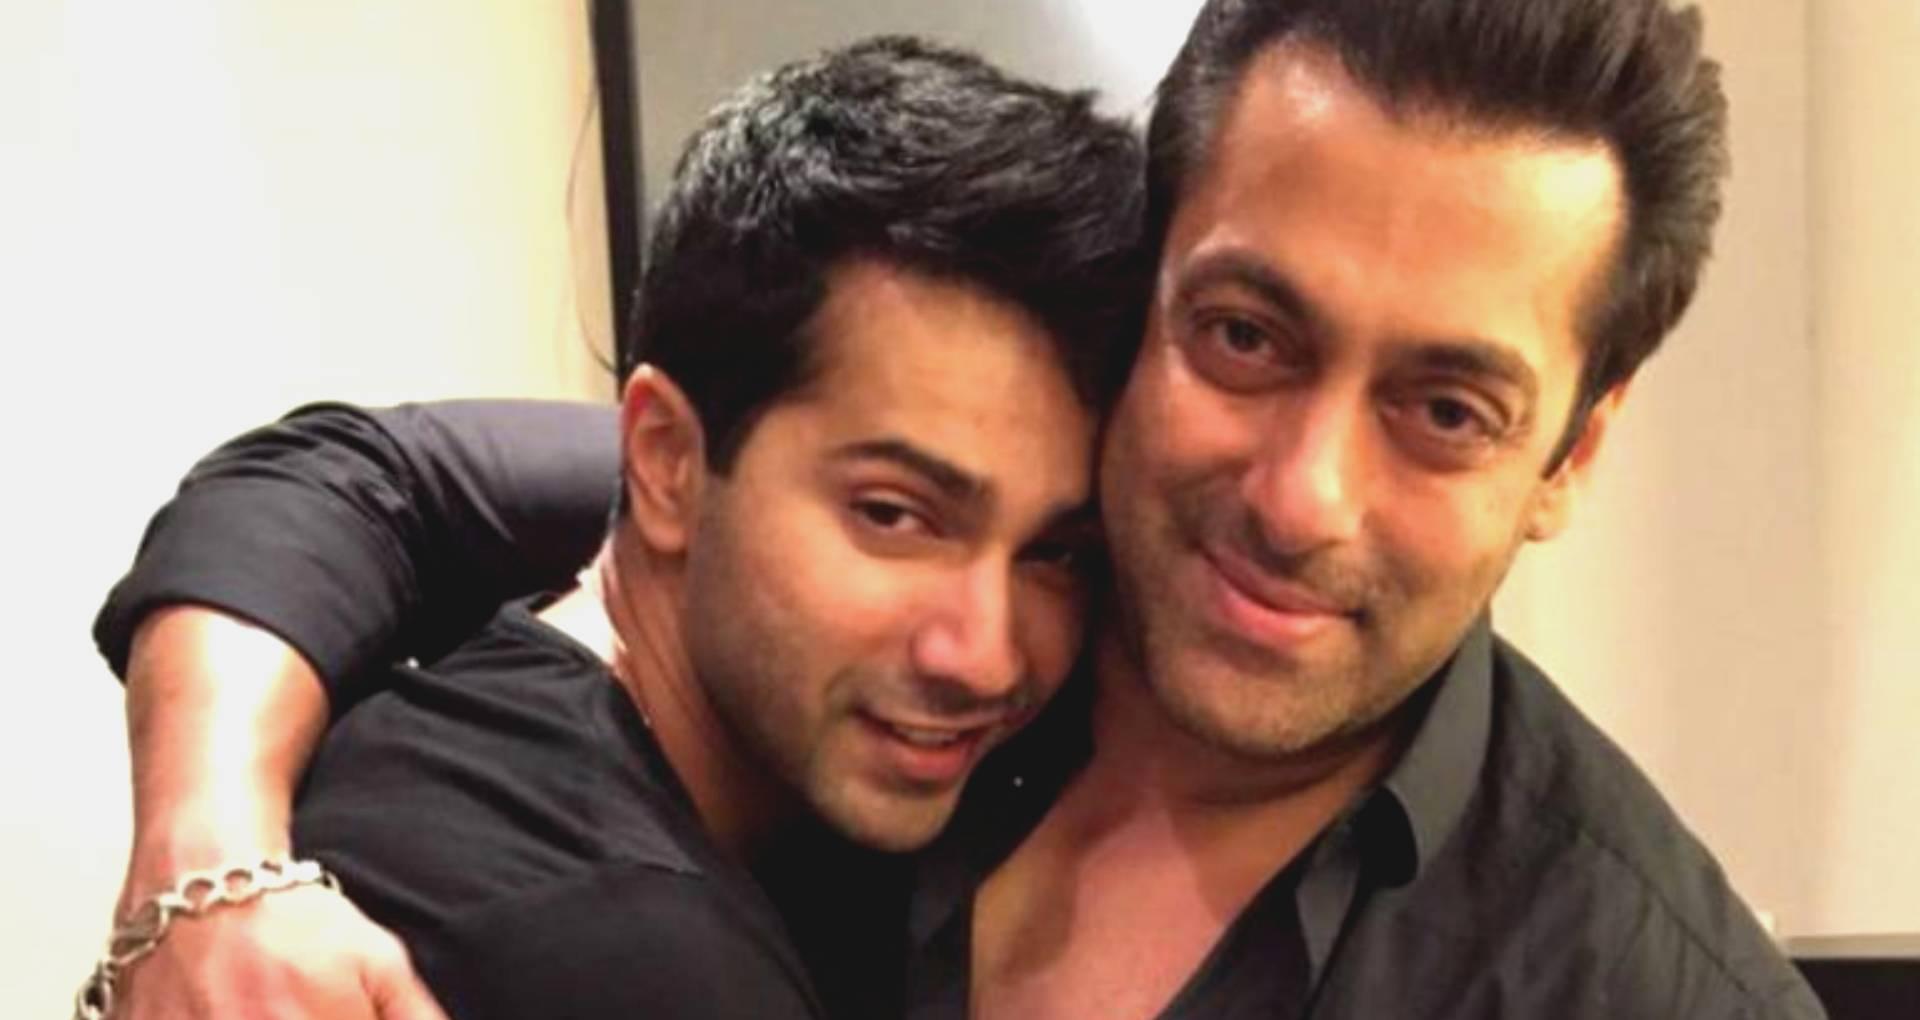 सलमान खान की फिल्म 'भारत' में इस बिजनेसमैन का रोल निभाएंगे वरुण धवन, जानकर हो जाएंगे हैरान